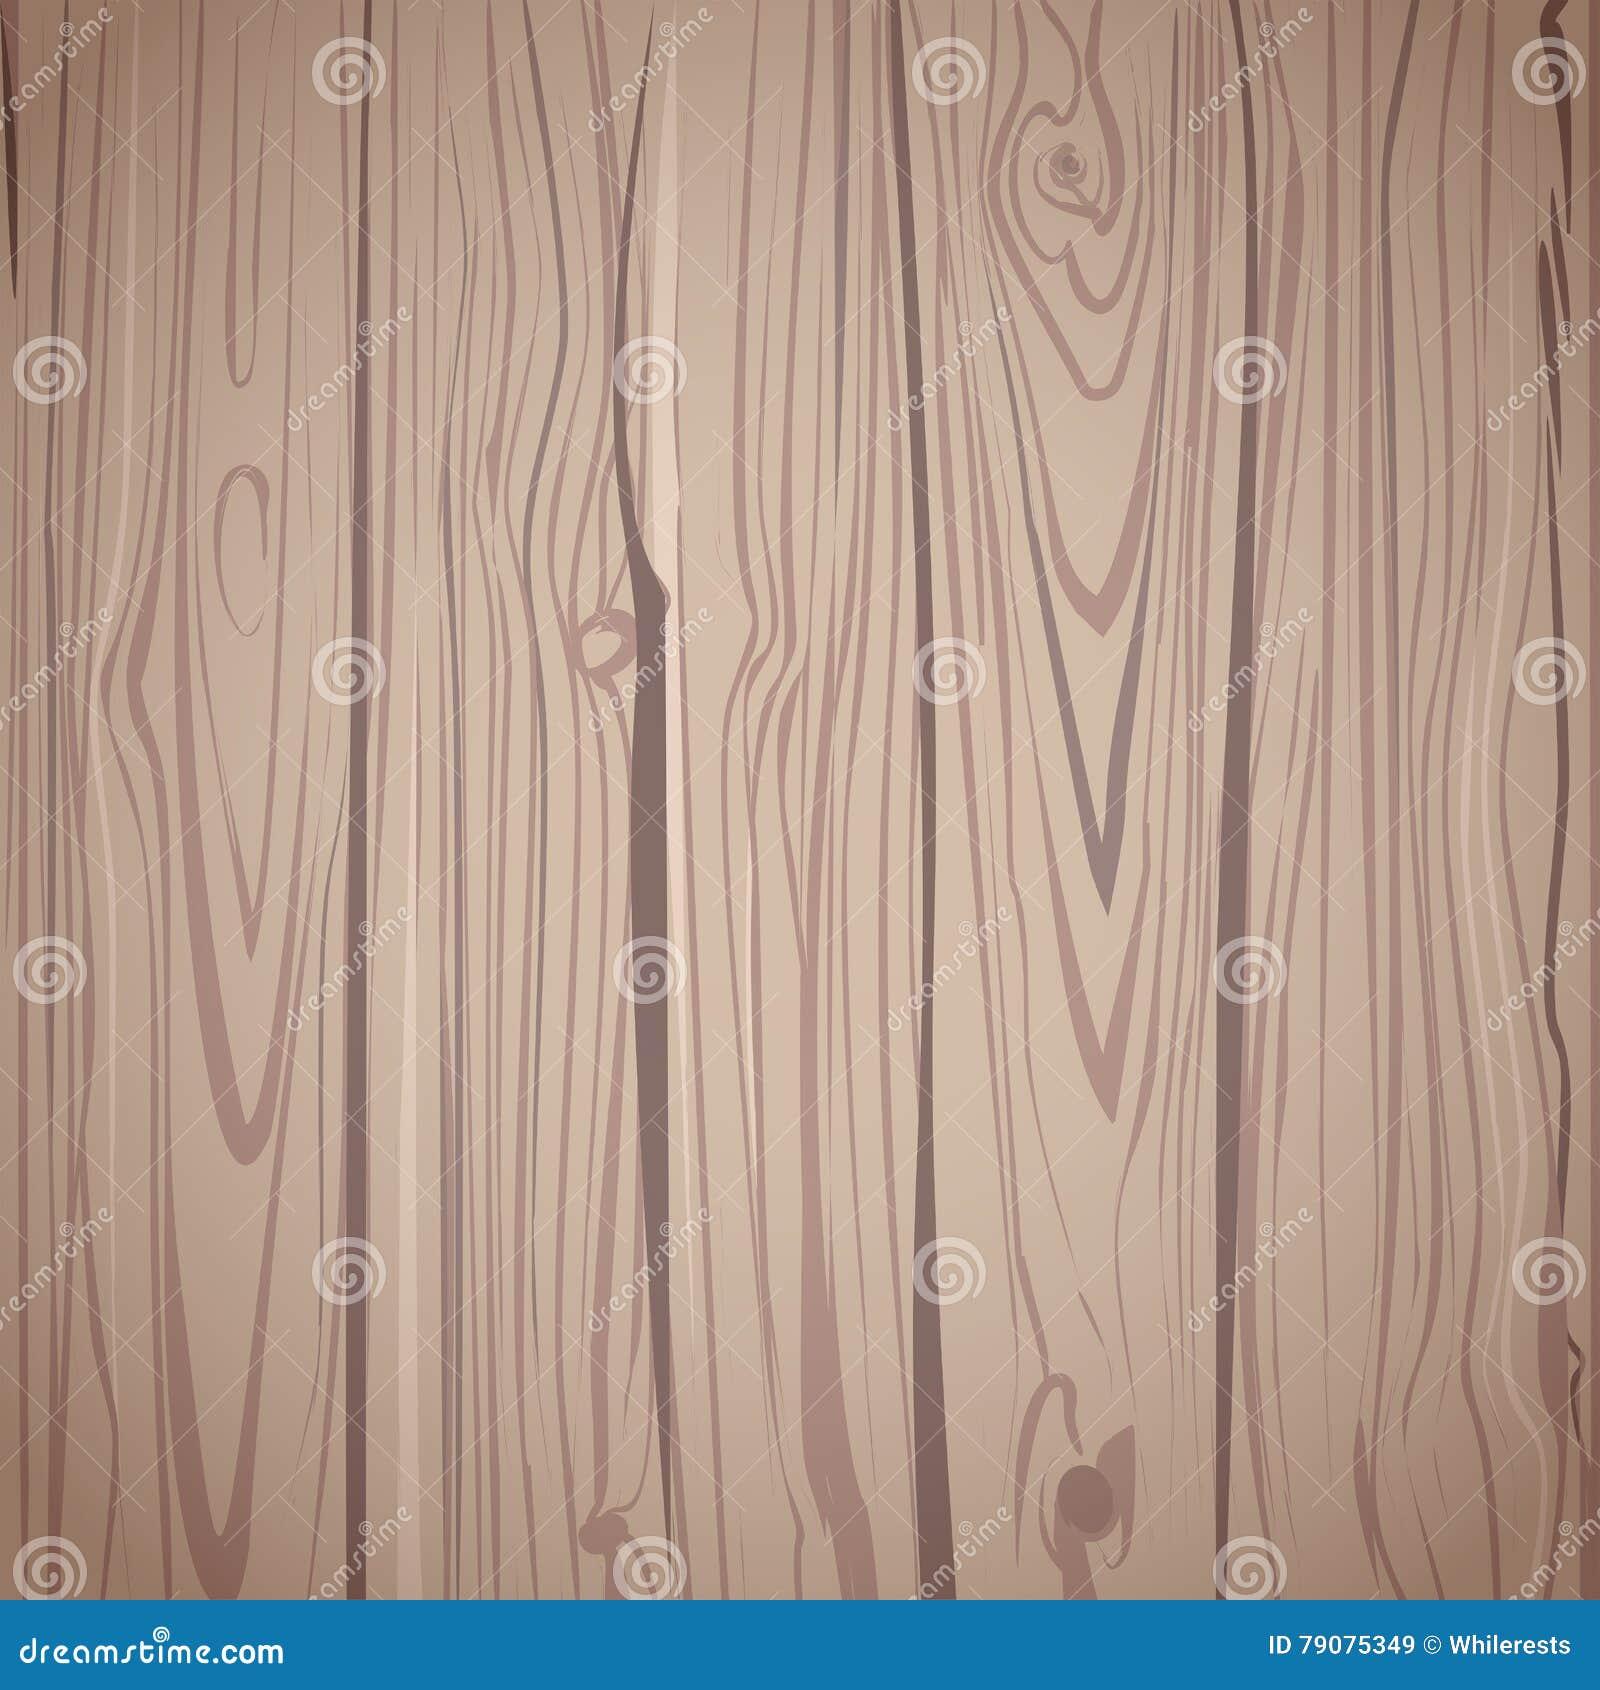 dark brown wood floors background. Wood texture top view  Natural dark wooden background Brown wood floor Vector illustration Texture Top View Dark Wooden Background